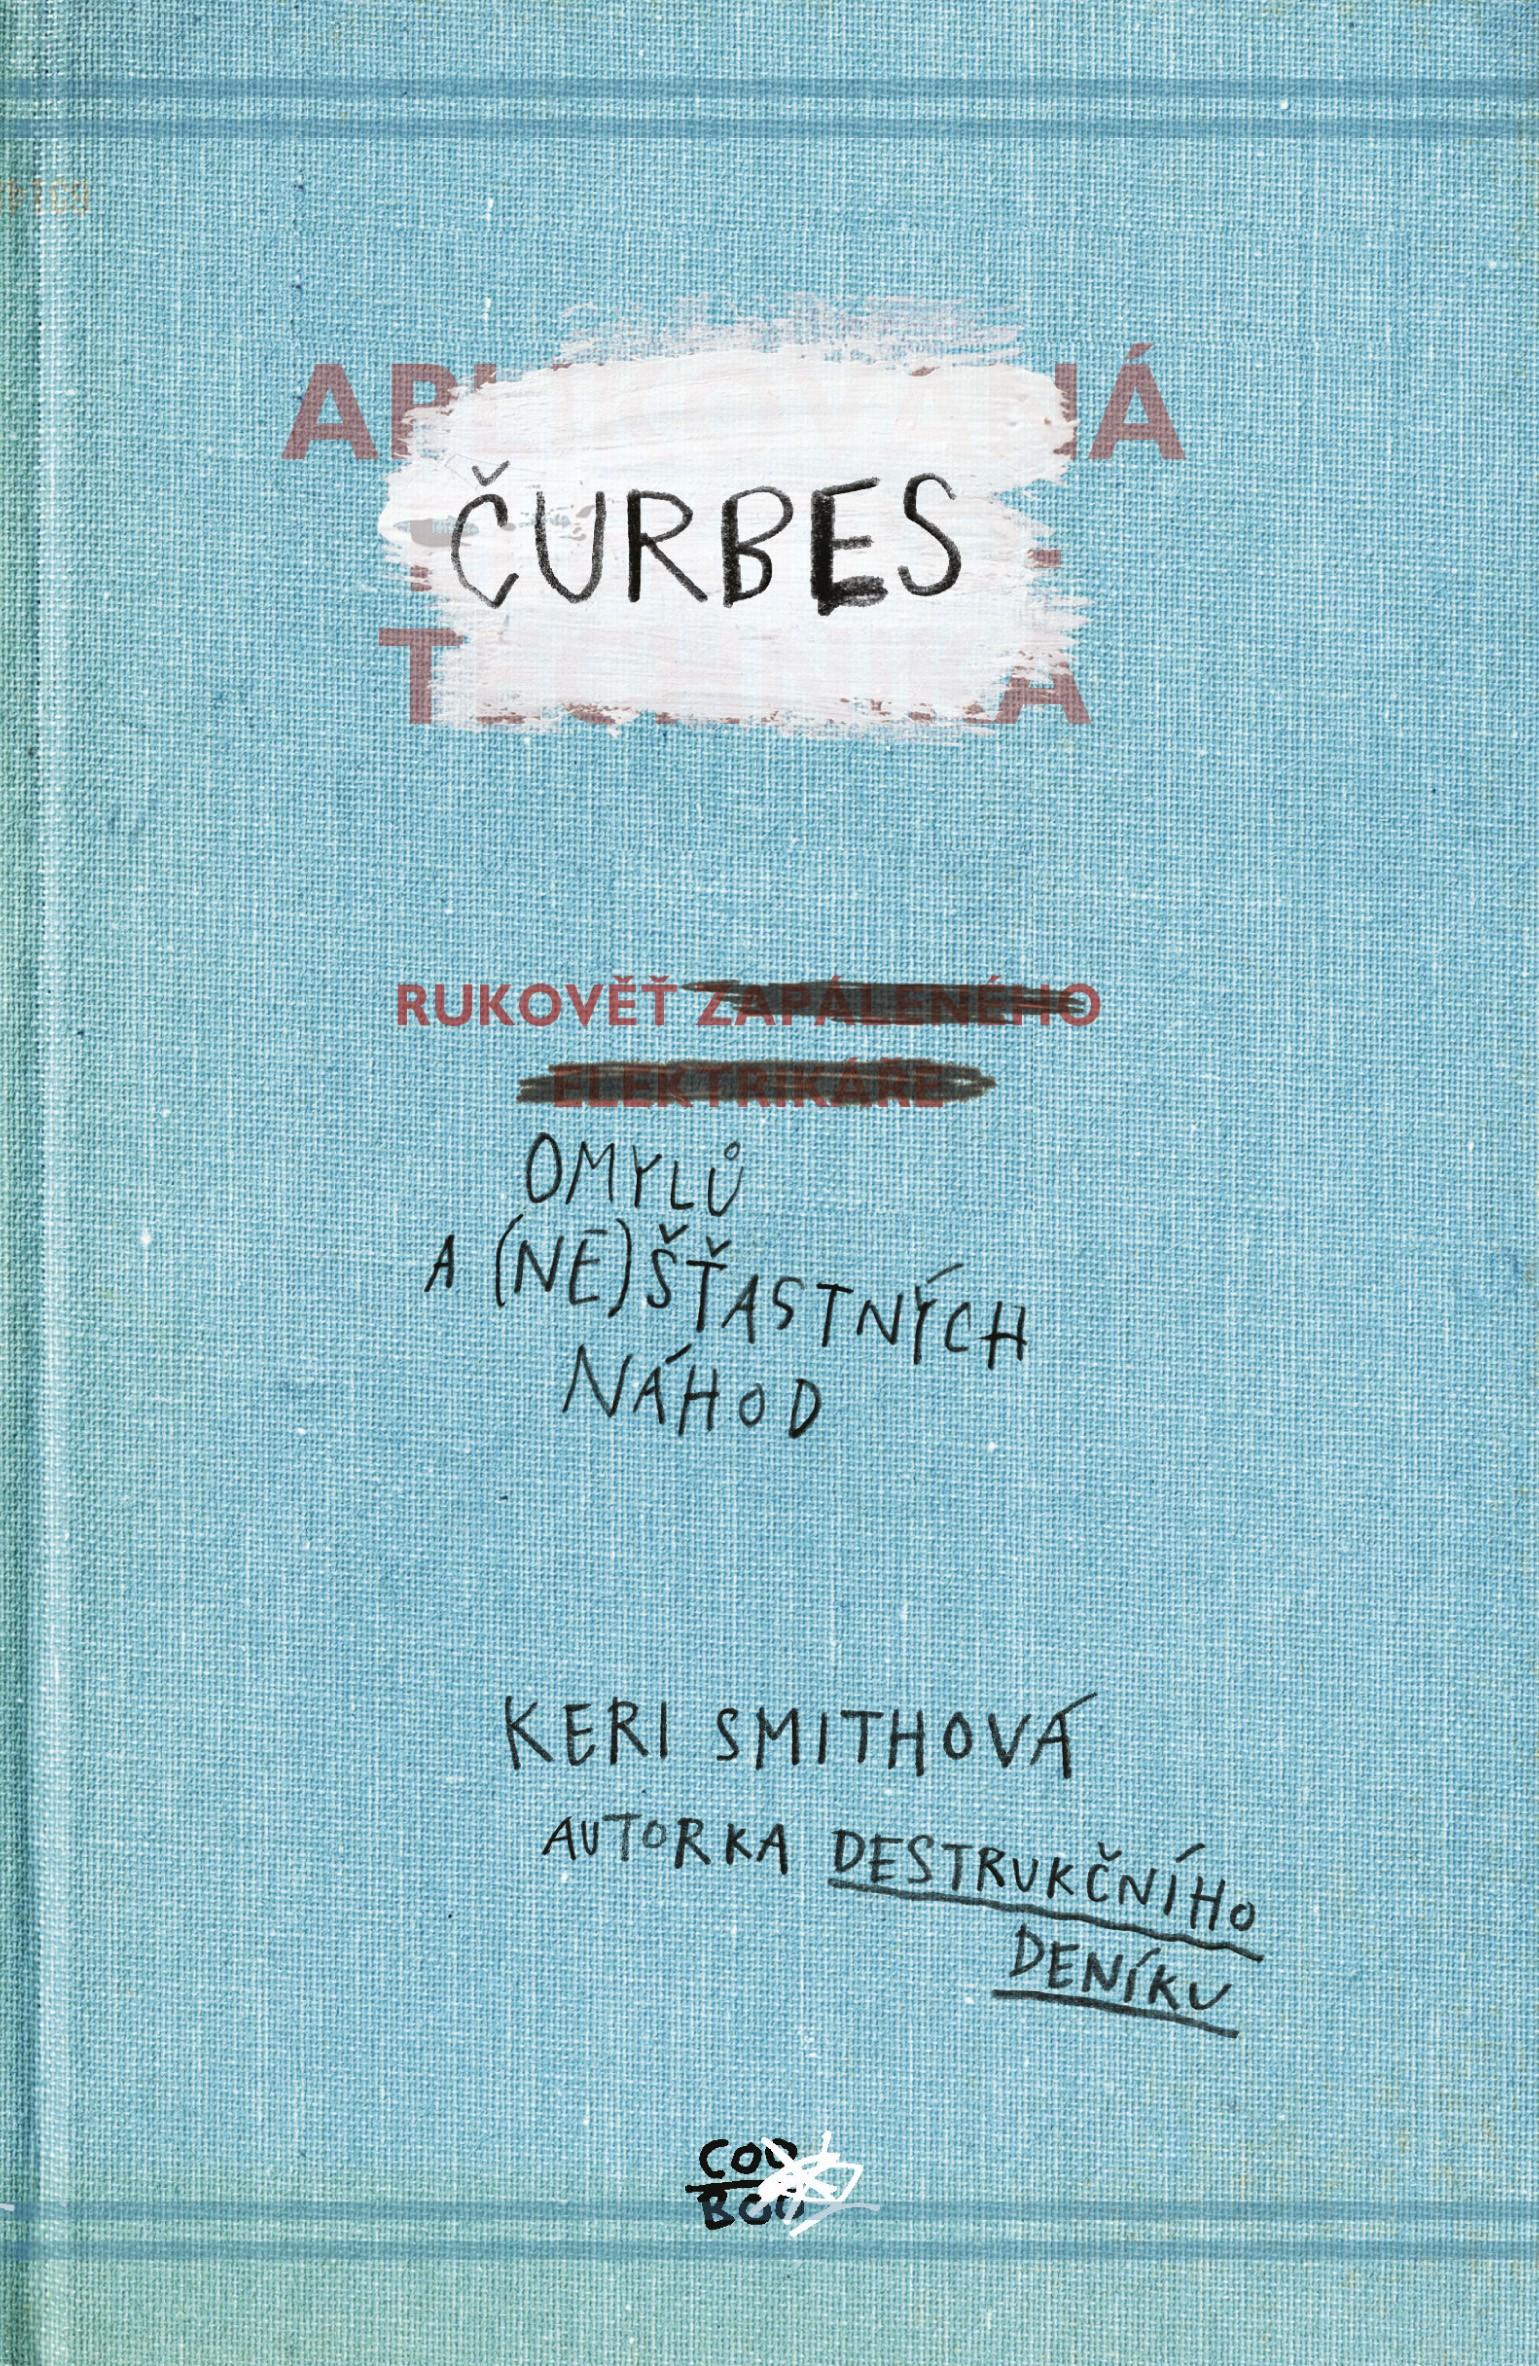 Čurbes: Rukověť omylů a (ne)šťastných náhod | Keri Smithová